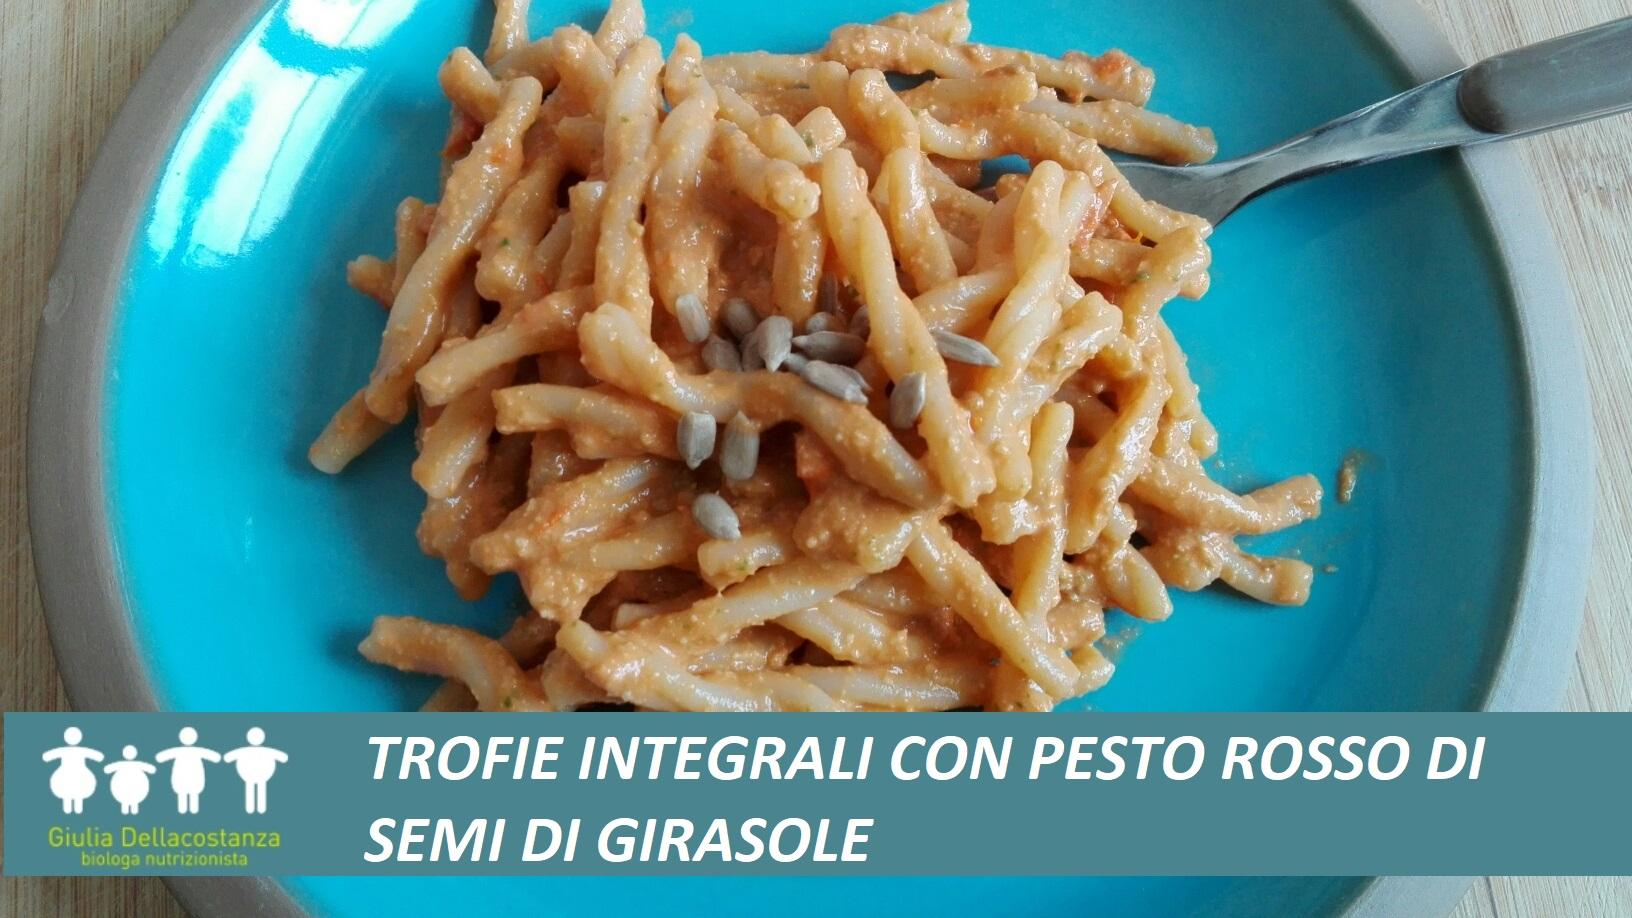 Pasta integrale condita con pesto di semi di girasole, basilico e pendolini.